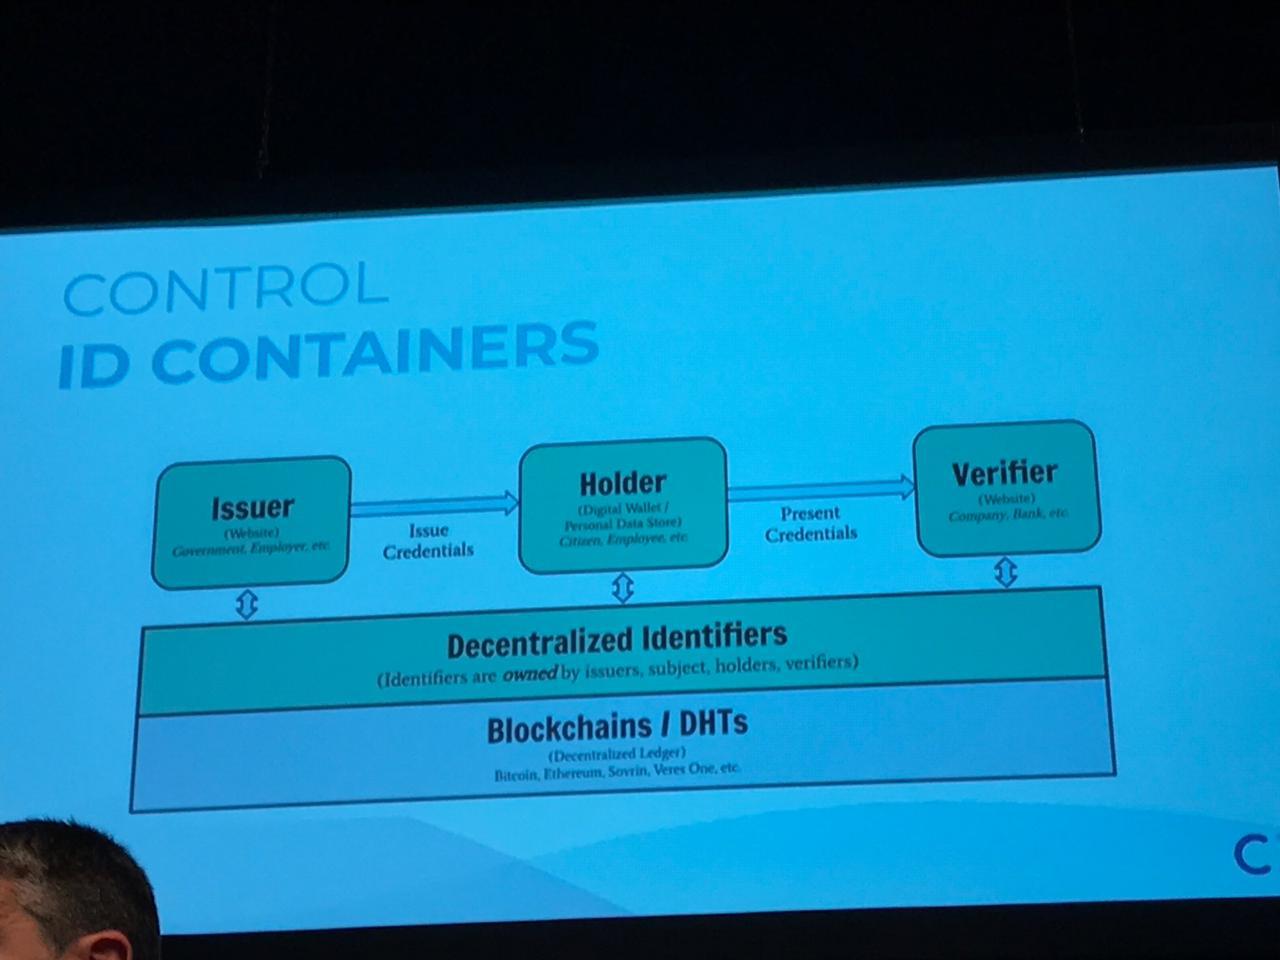 Foto de um slide que fala sobre controle de containers